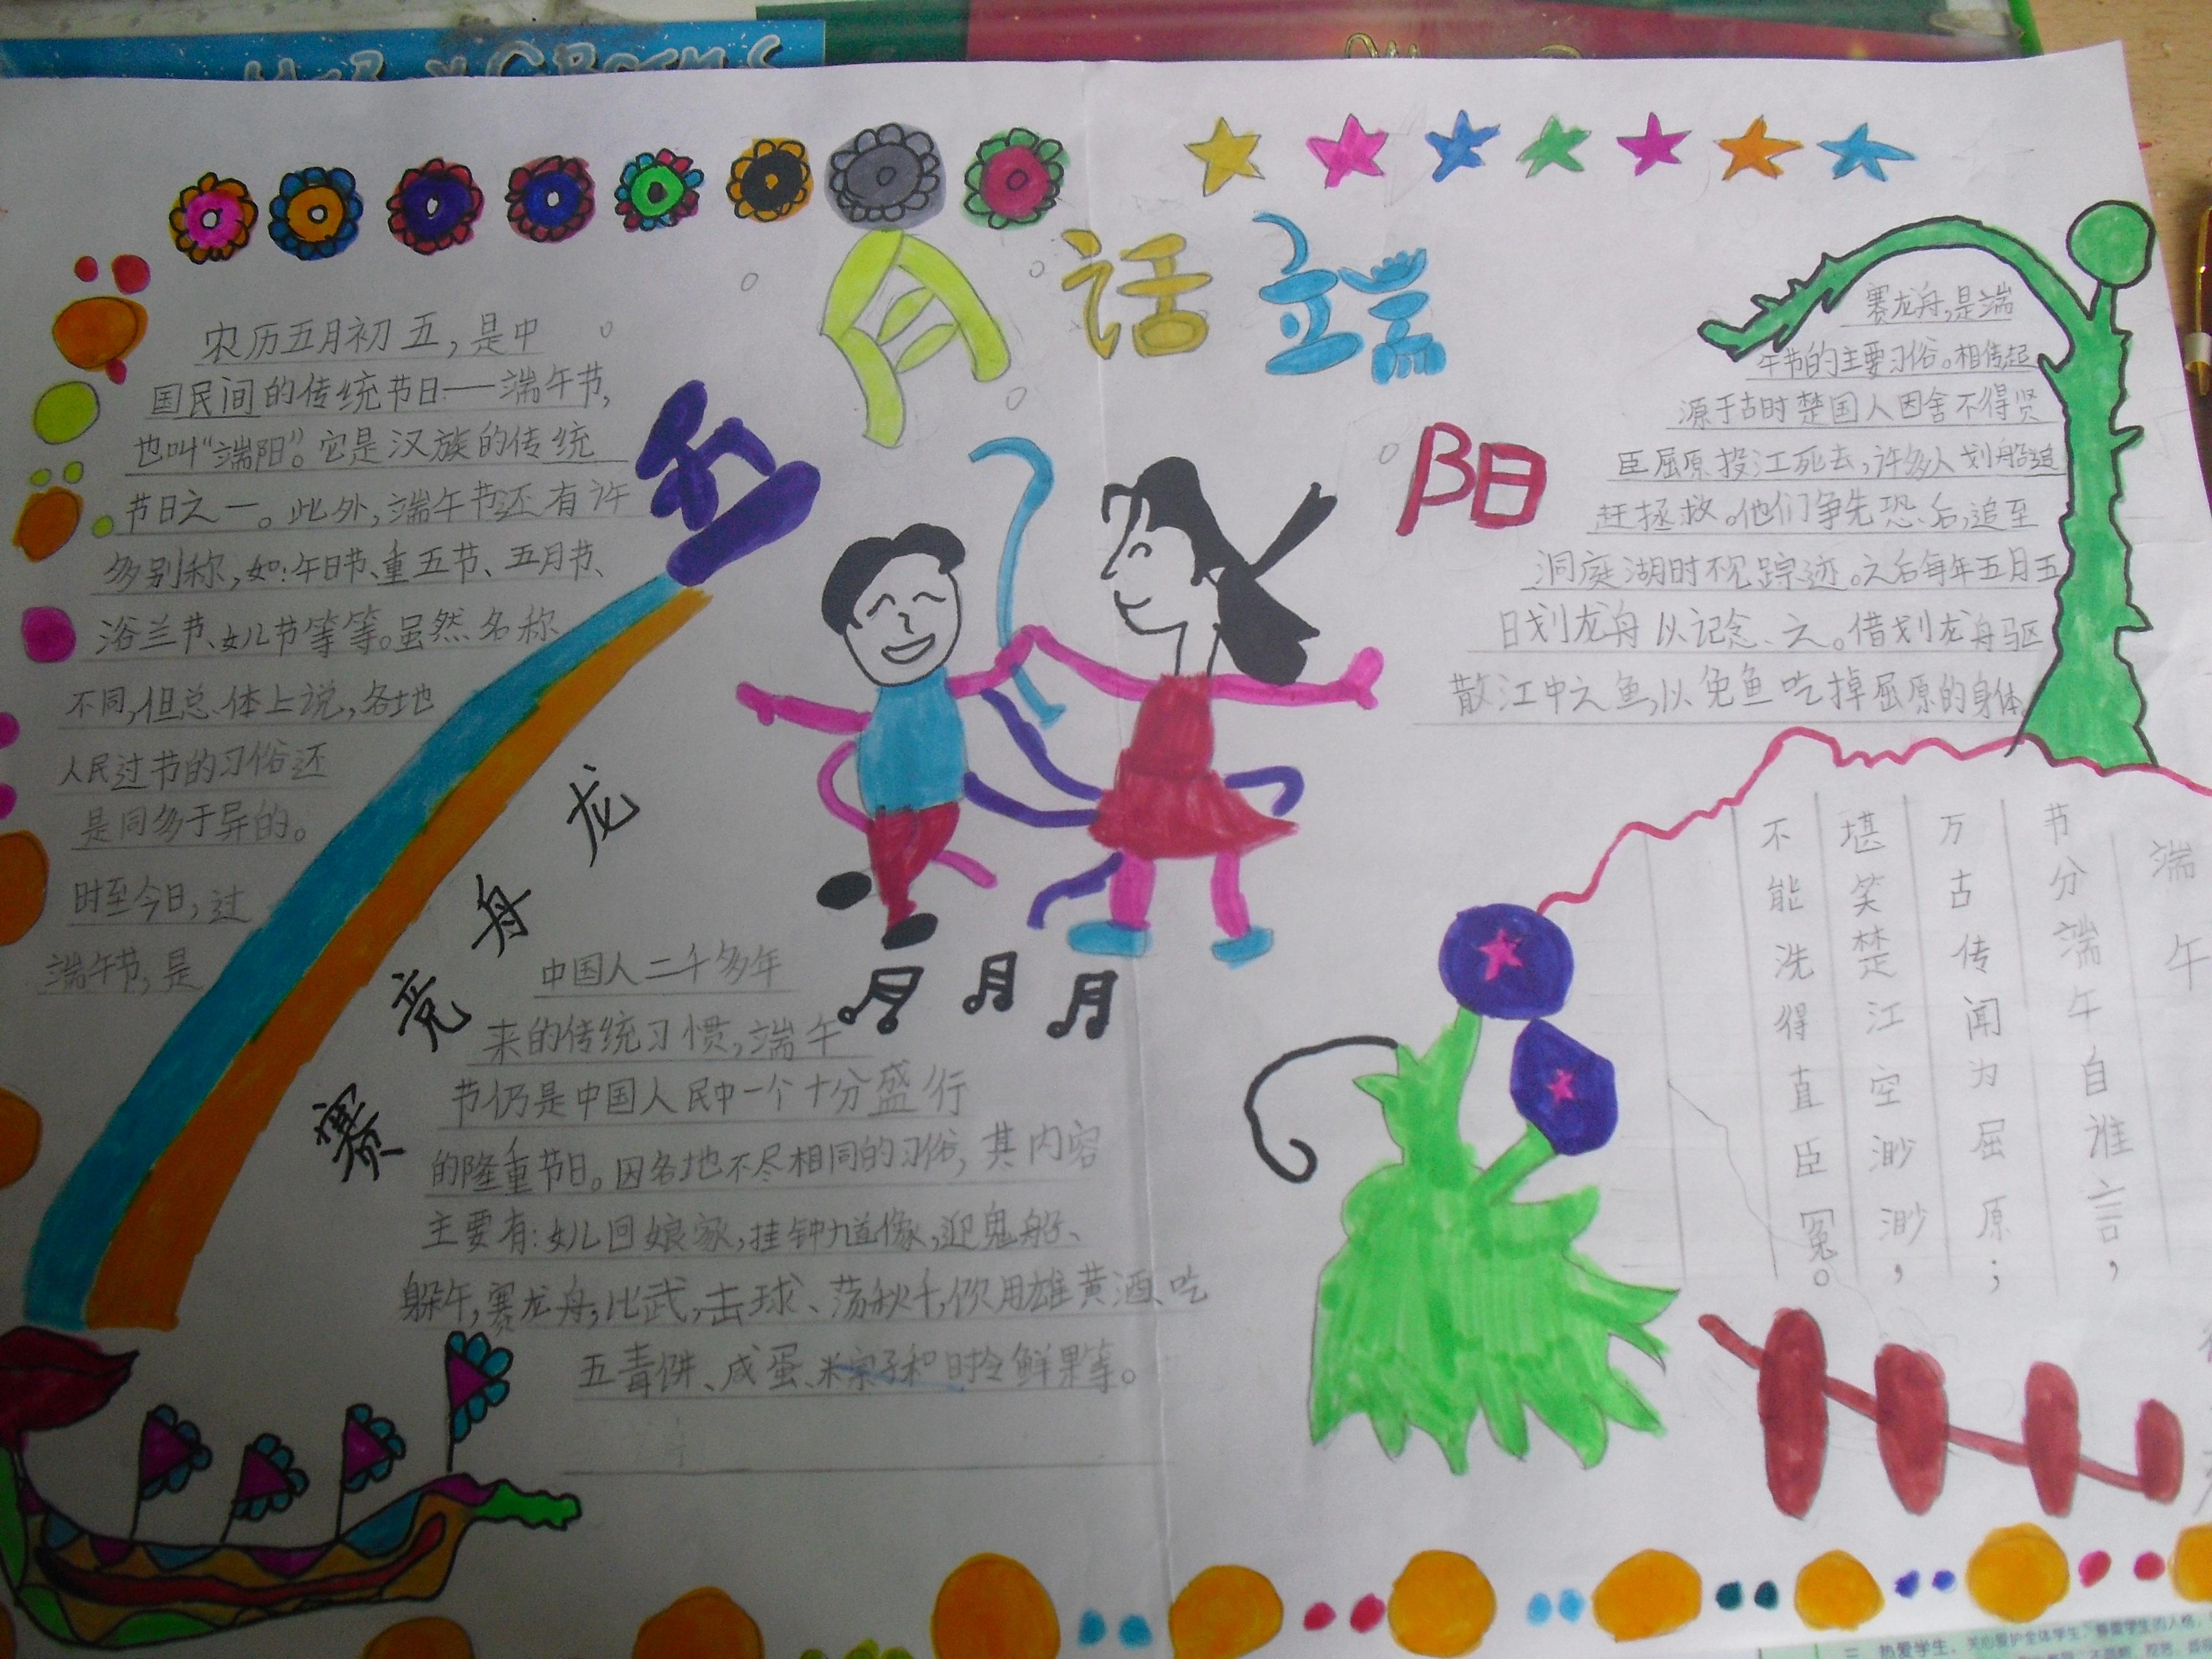 三年级端午节的手抄报图:五月话端阳-三年级端午节的手抄报图 龙的图片